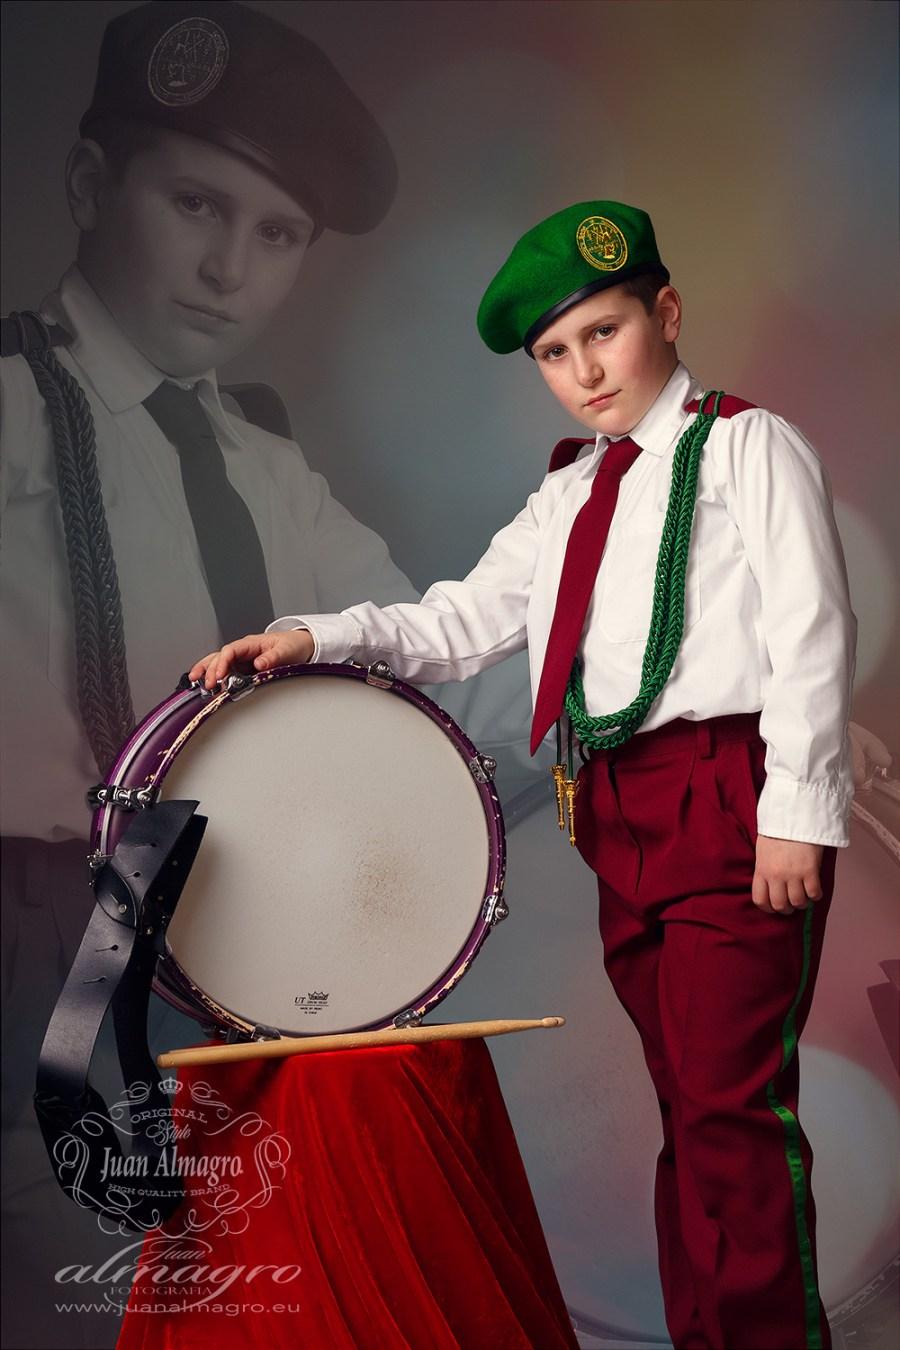 fotos con el uniforme de la Banda de Tambores y Cornetas por Juan Almagro Fotógrafos